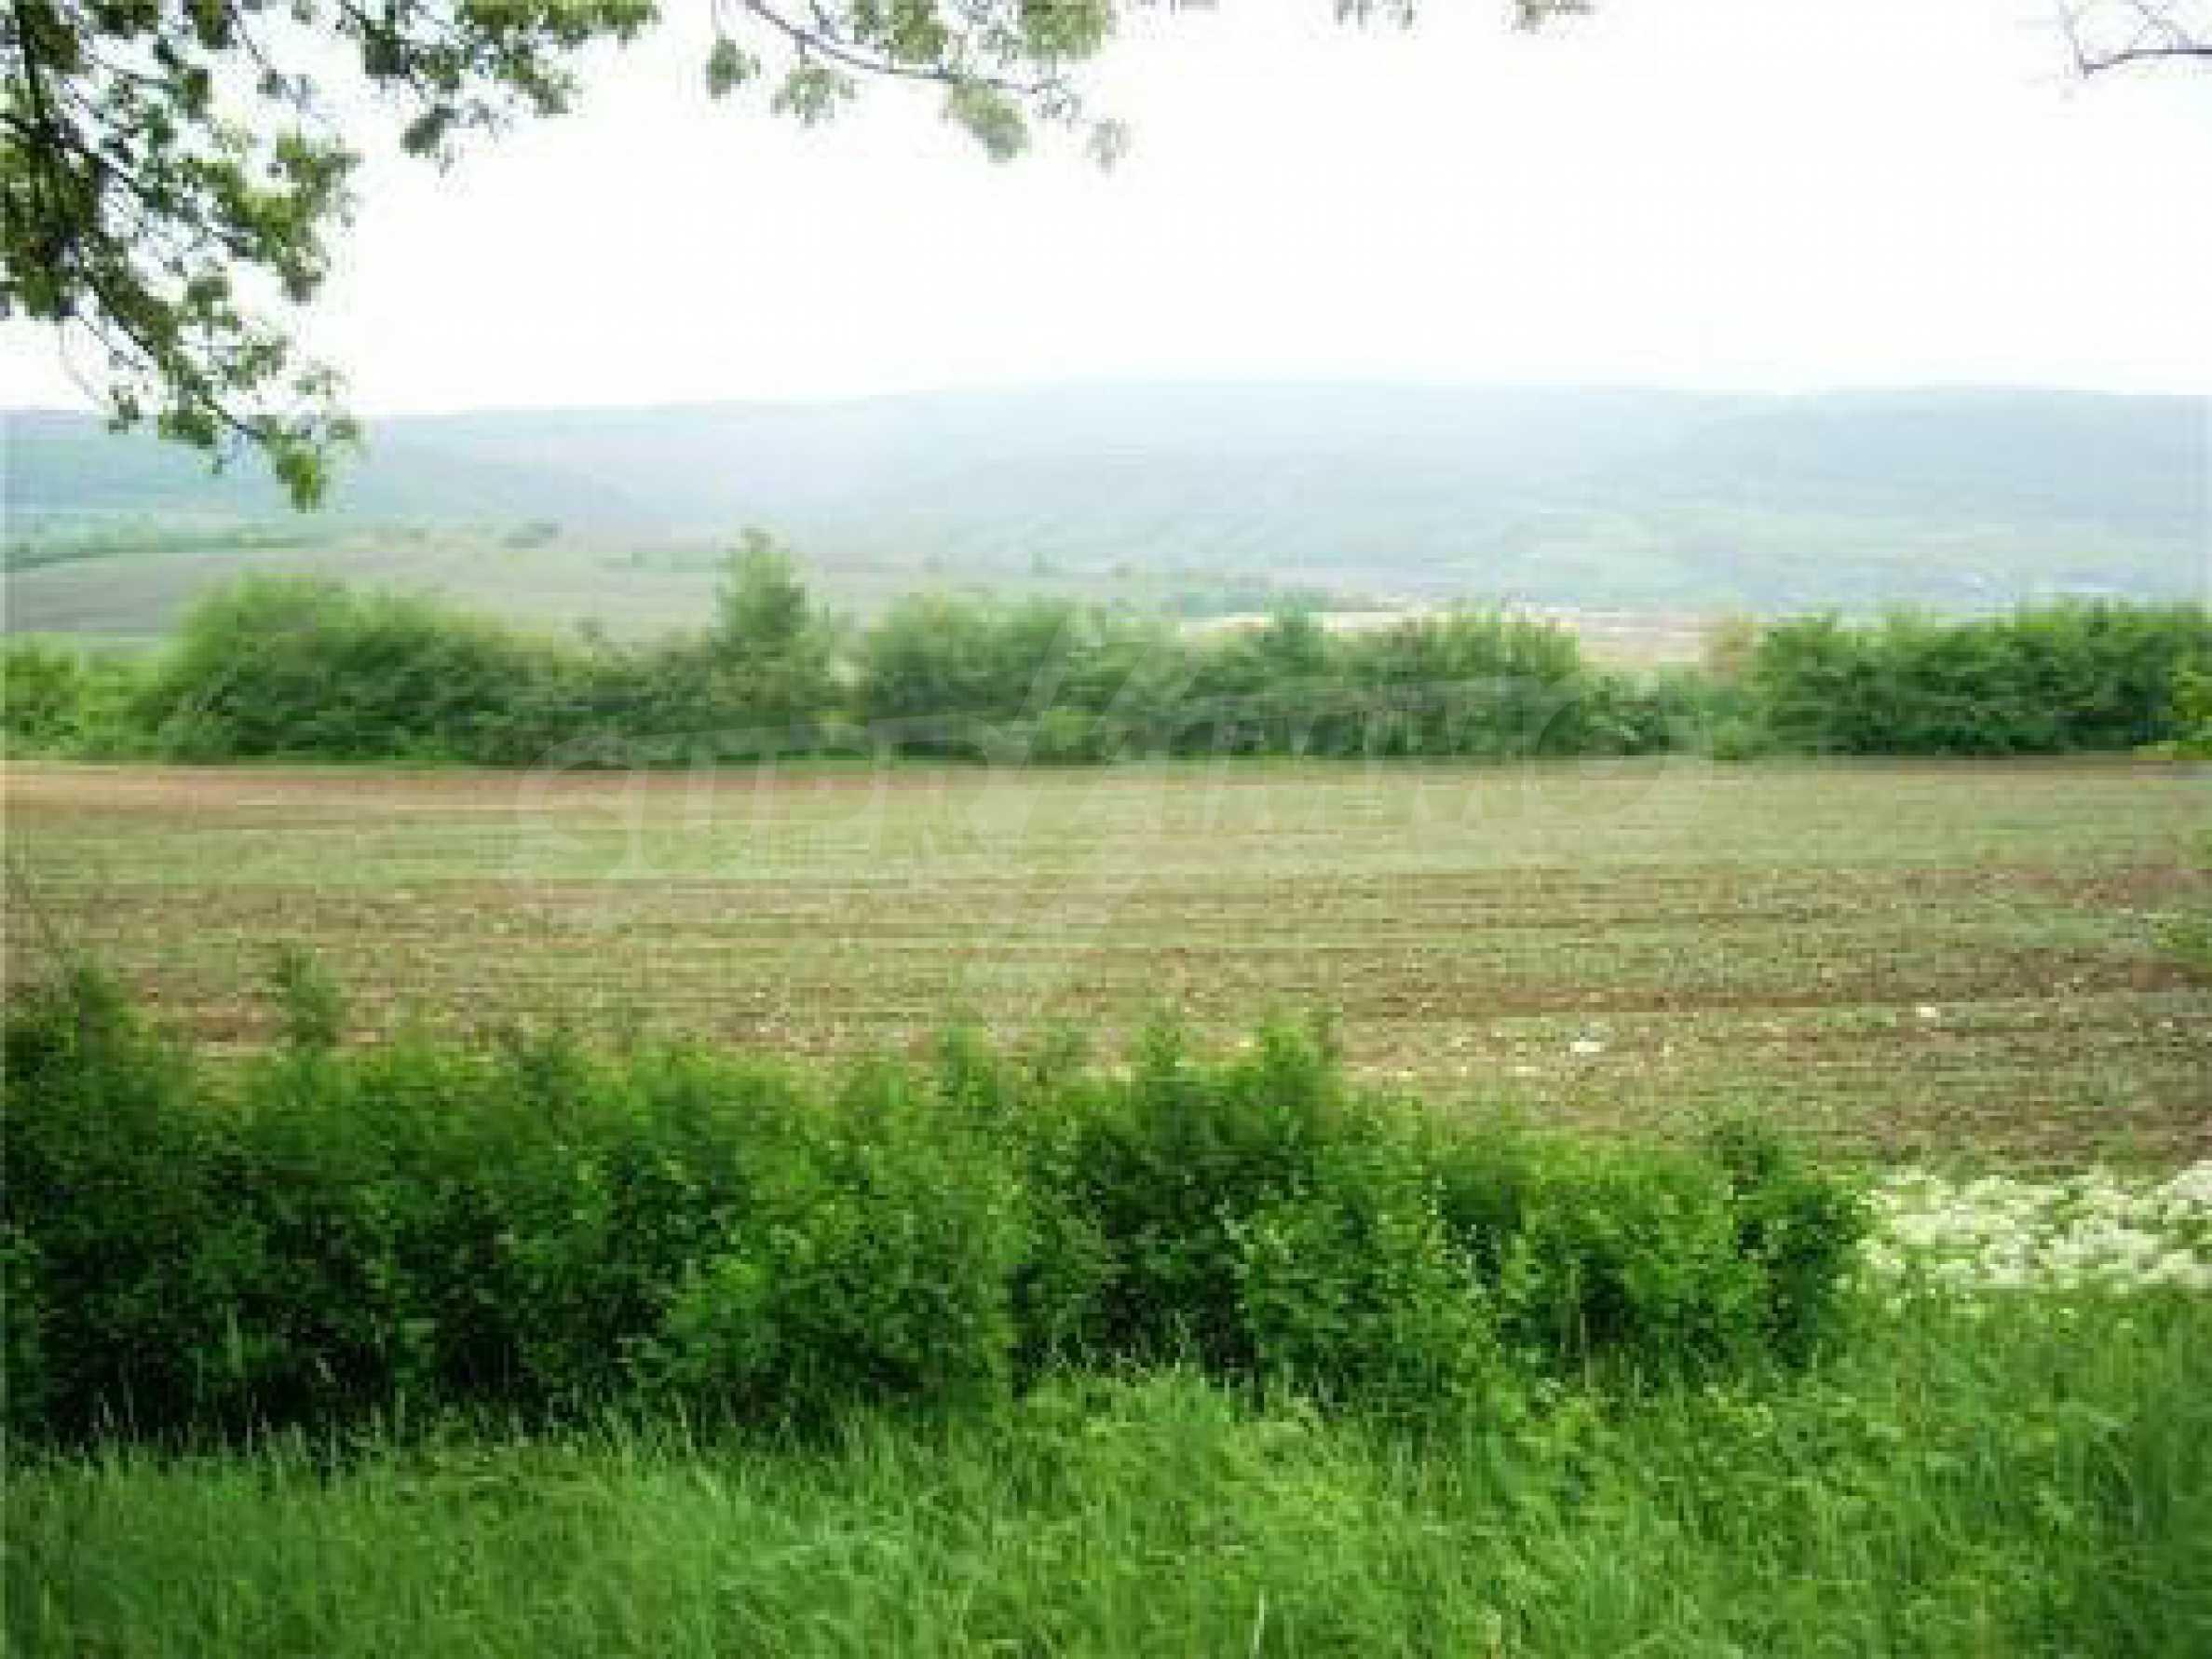 Ein Grundstück mit landwirtschaftlichem Status, 100 Meter von der Autobahn Sofia-Varna entfernt.